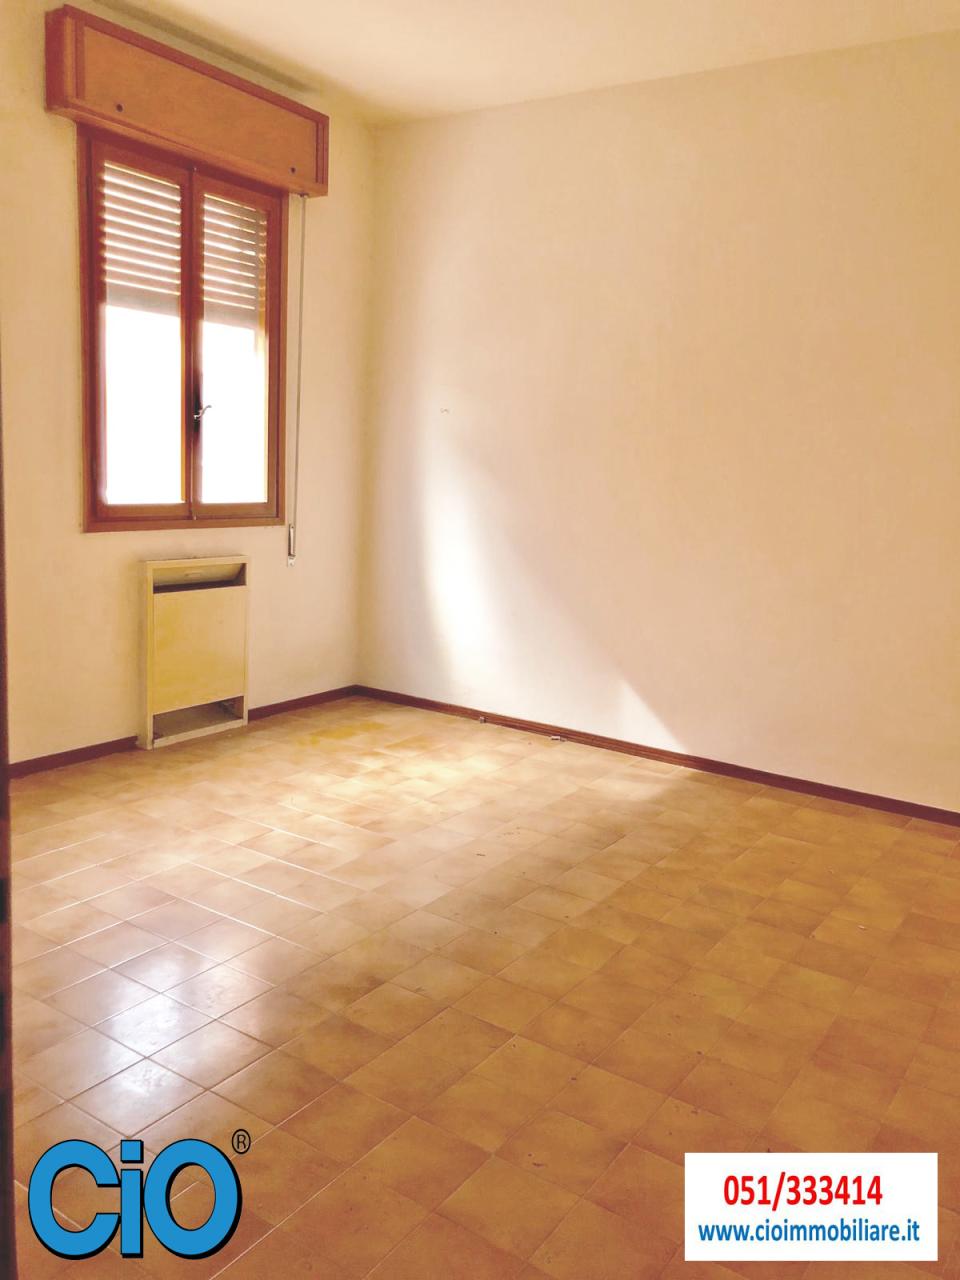 Appartamento, 0, Vendita - Monzuno